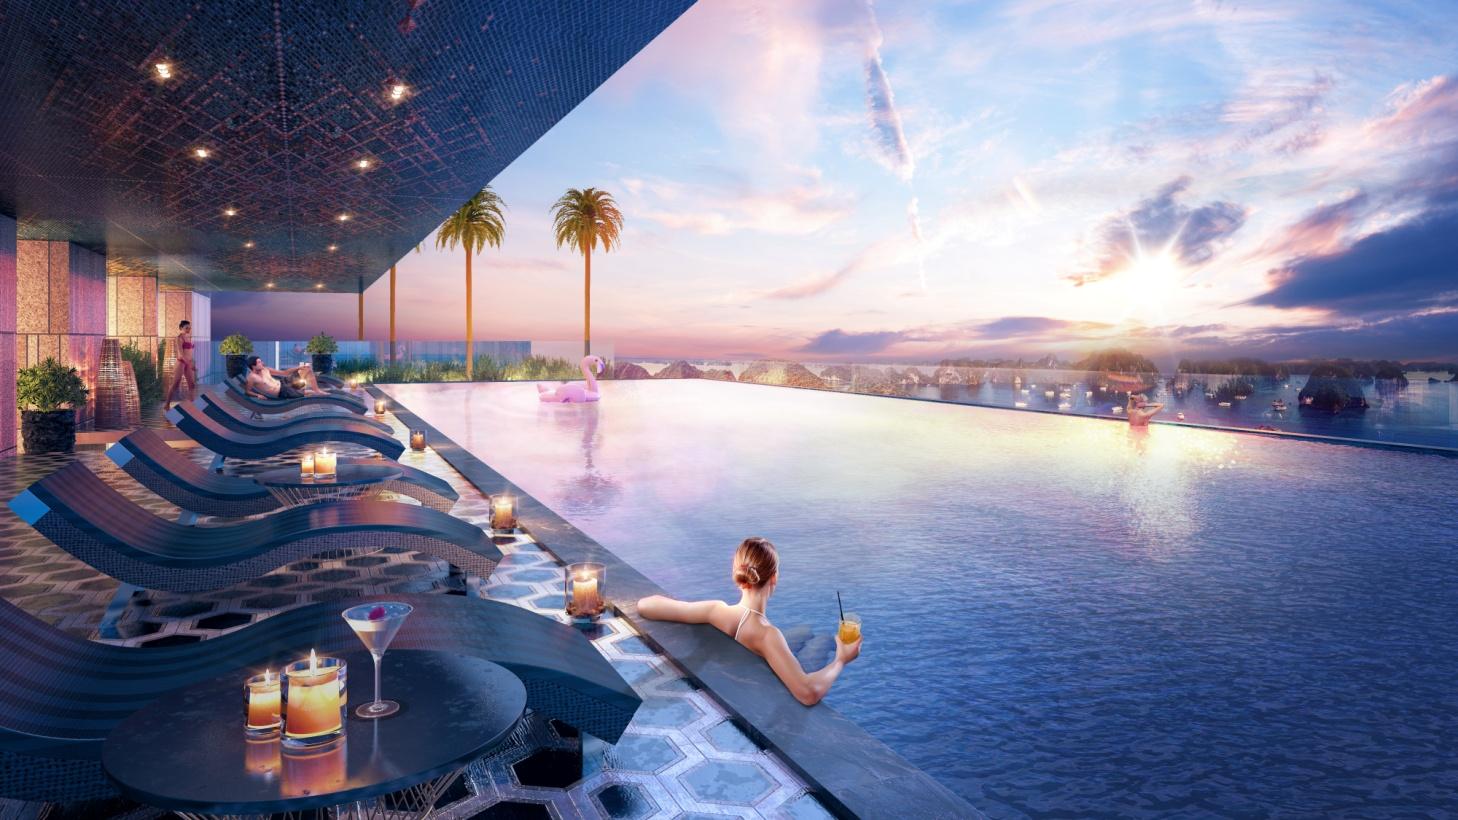 Skybar cao nhất Hạ Long, bể bơi vô cực bốn mùa,… là những tiện ích nổi bật dành cho cư dân Green Diamond.